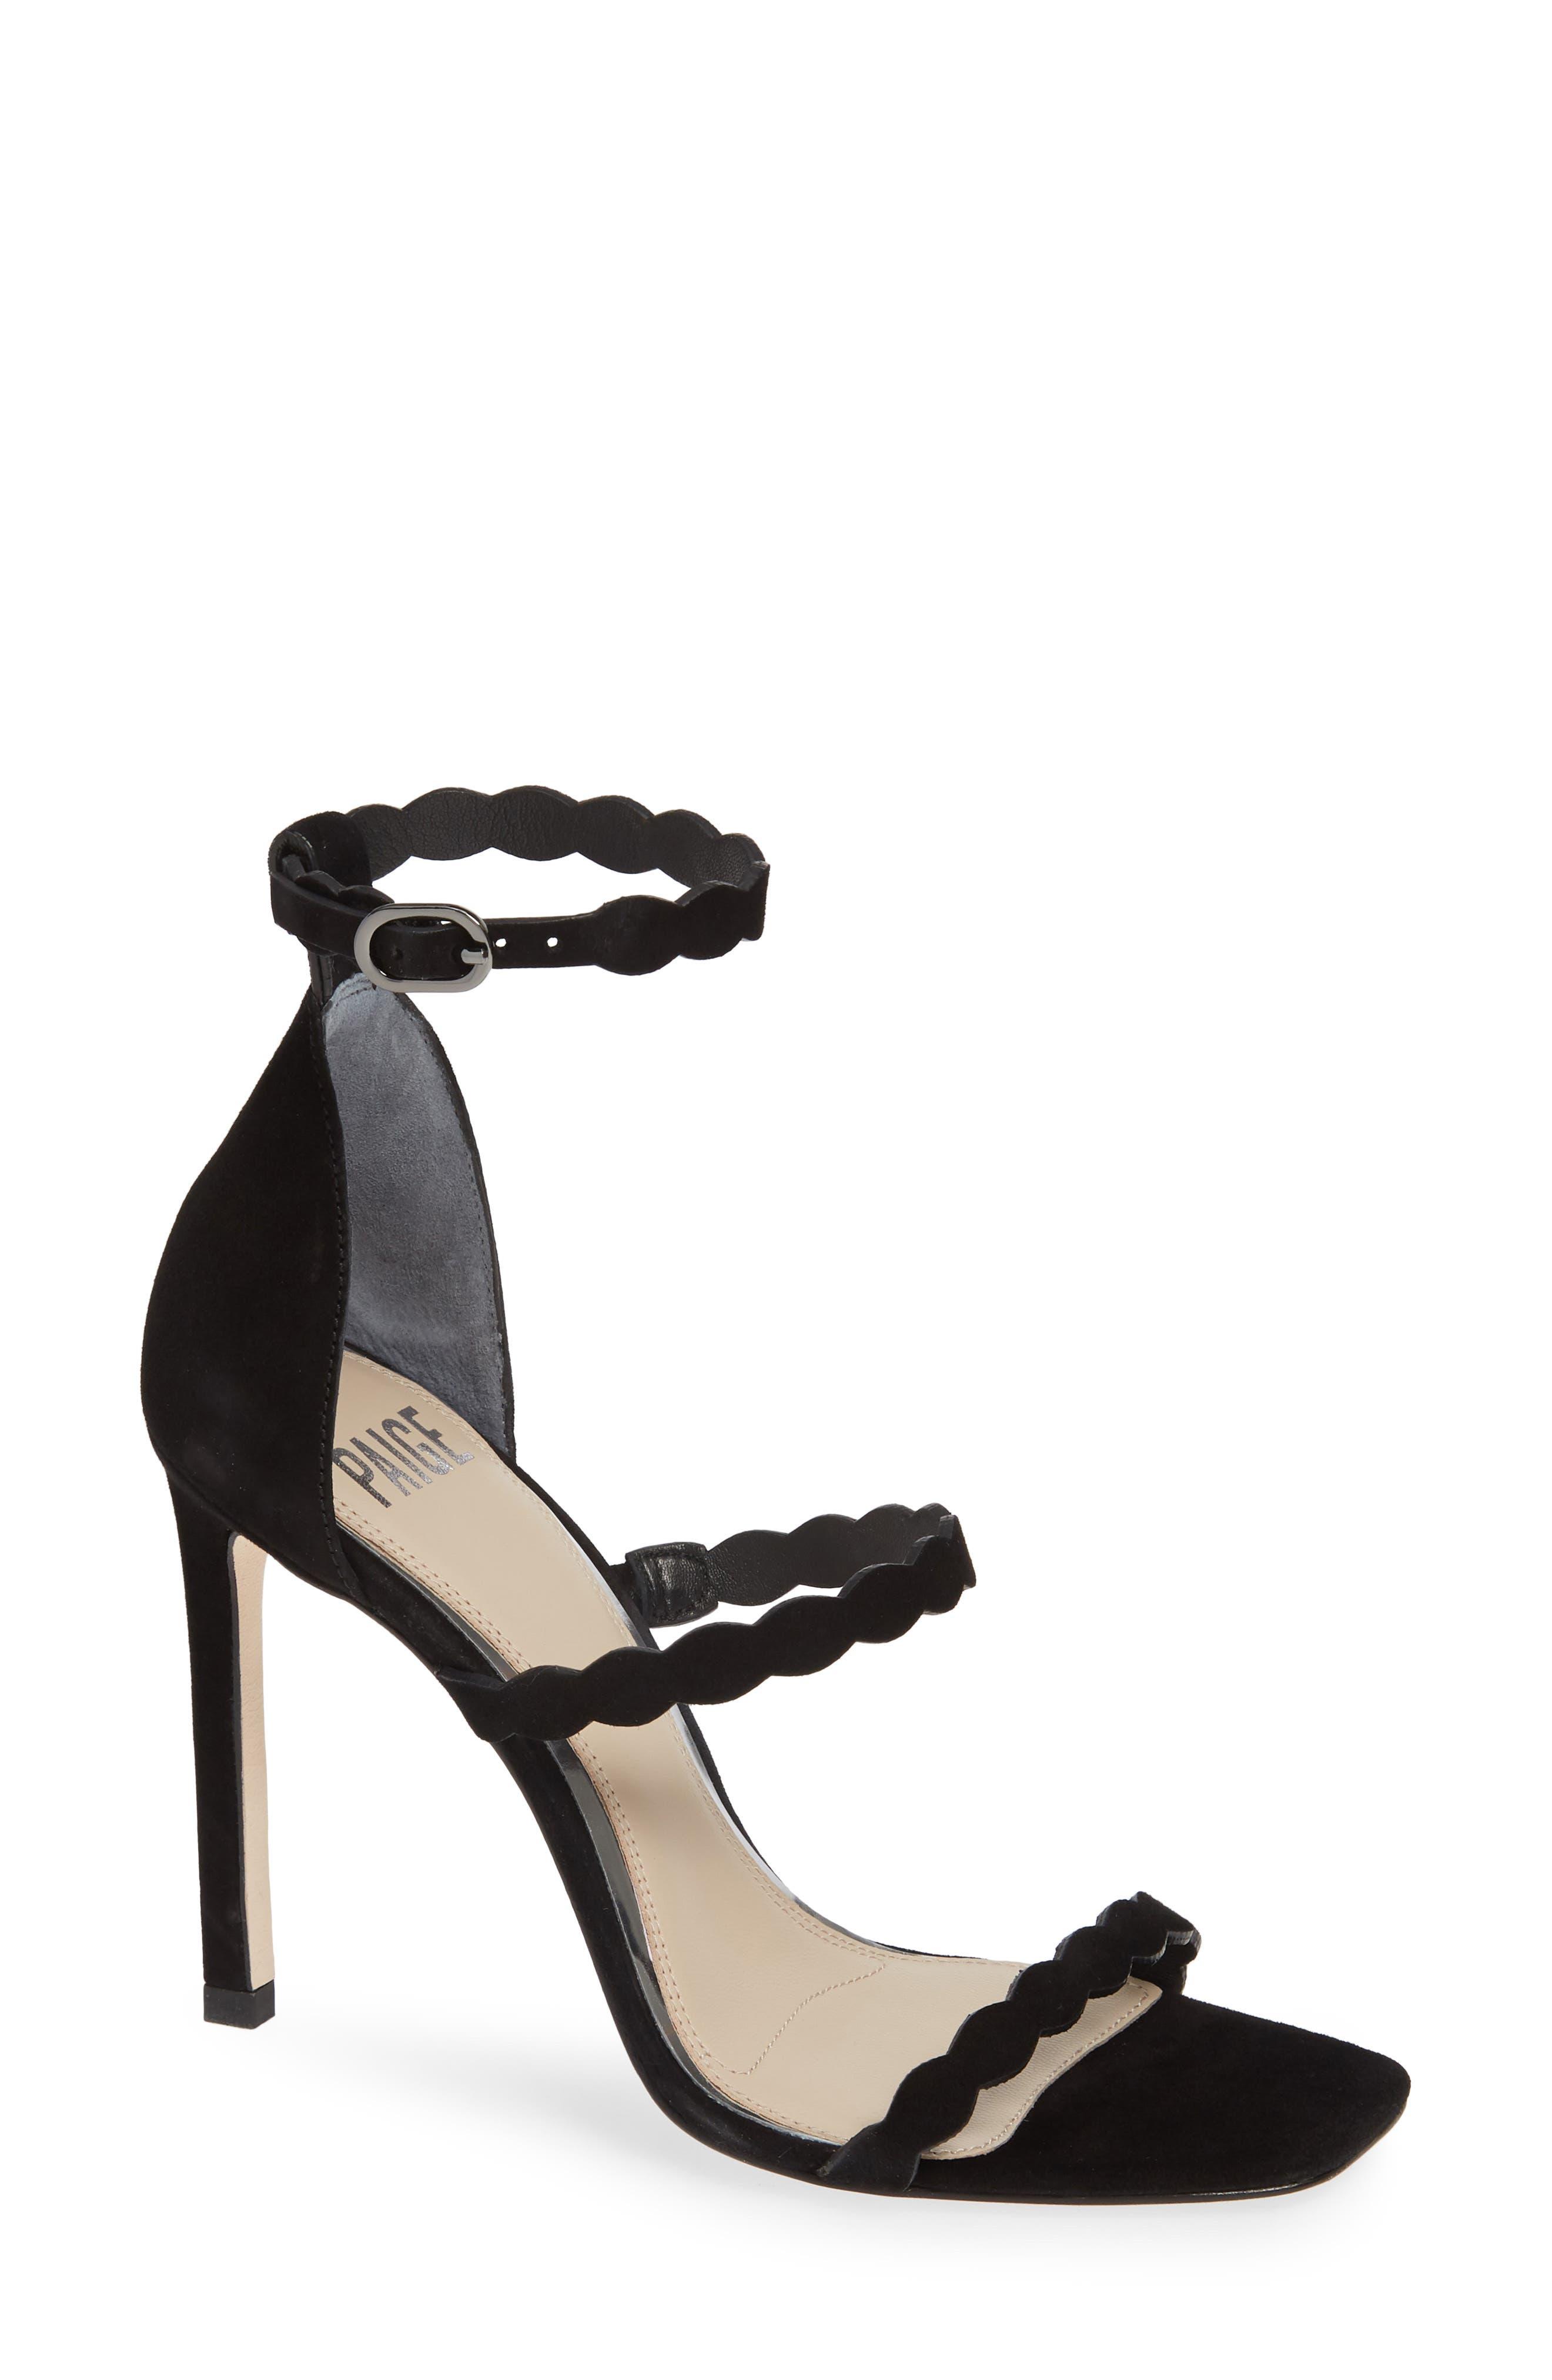 Image of PAIGE Vita Scallop Strap Sandal